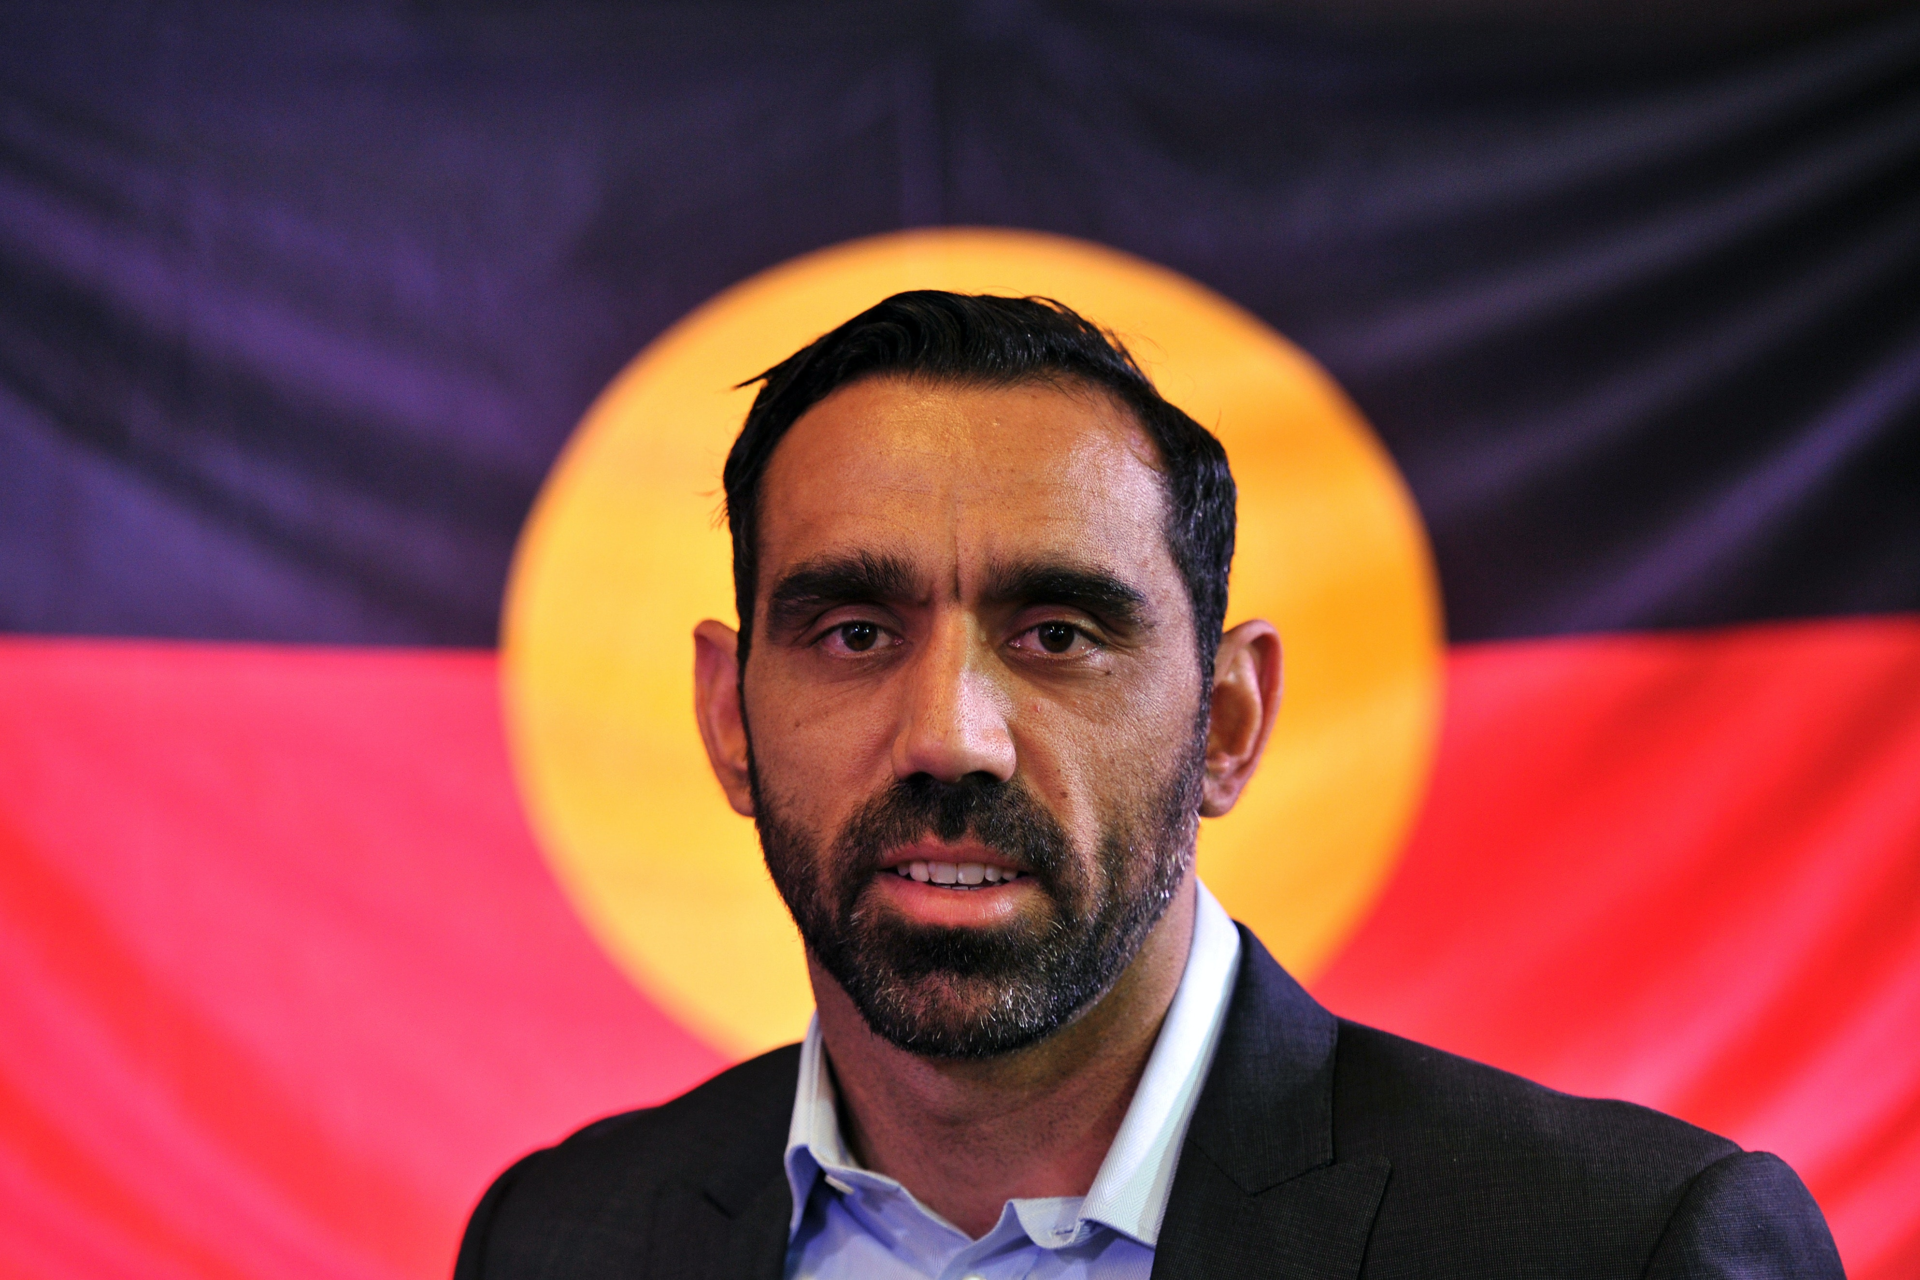 White Australia needs to take responsibility for reconciliation too